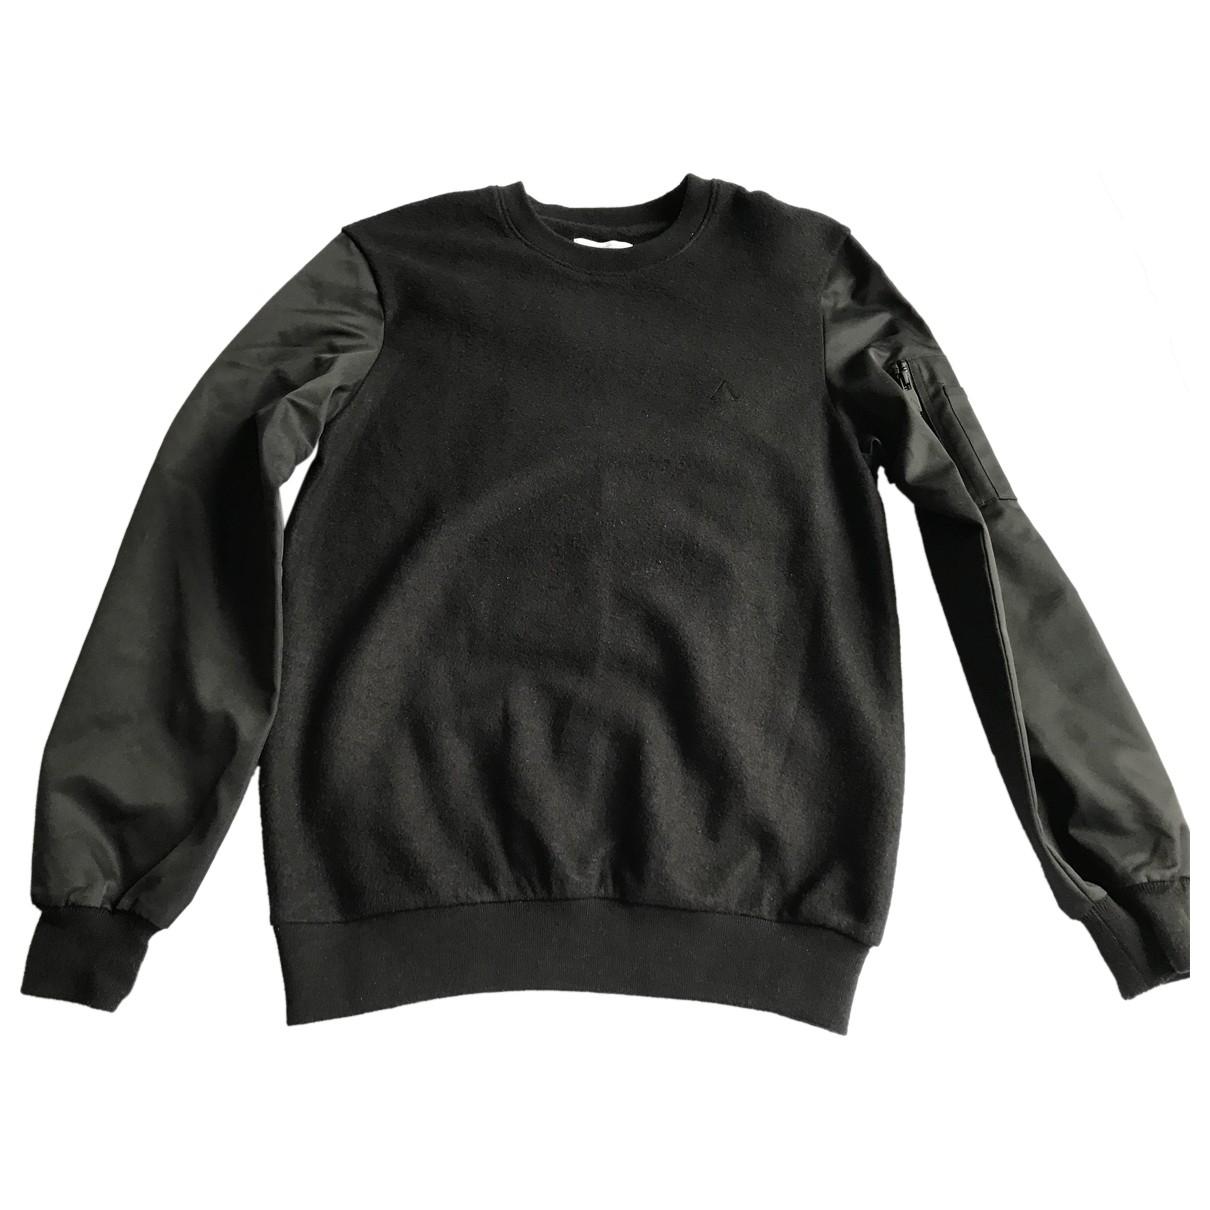 Eleven Paris \N Black Knitwear & Sweatshirts for Men S International